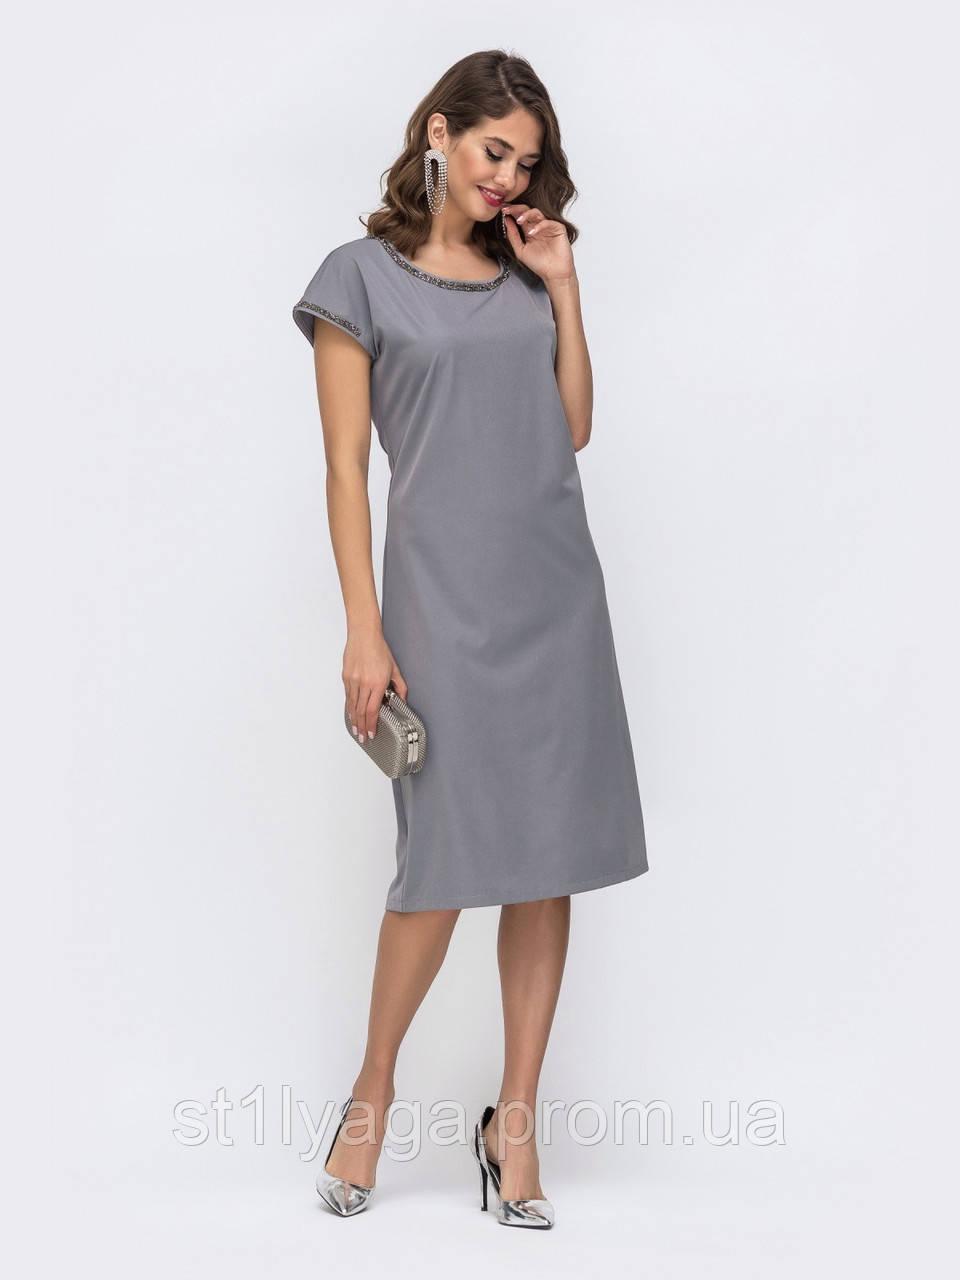 Елегантні сукні-міді з коротким рукавом і контрастною обробкою сірий